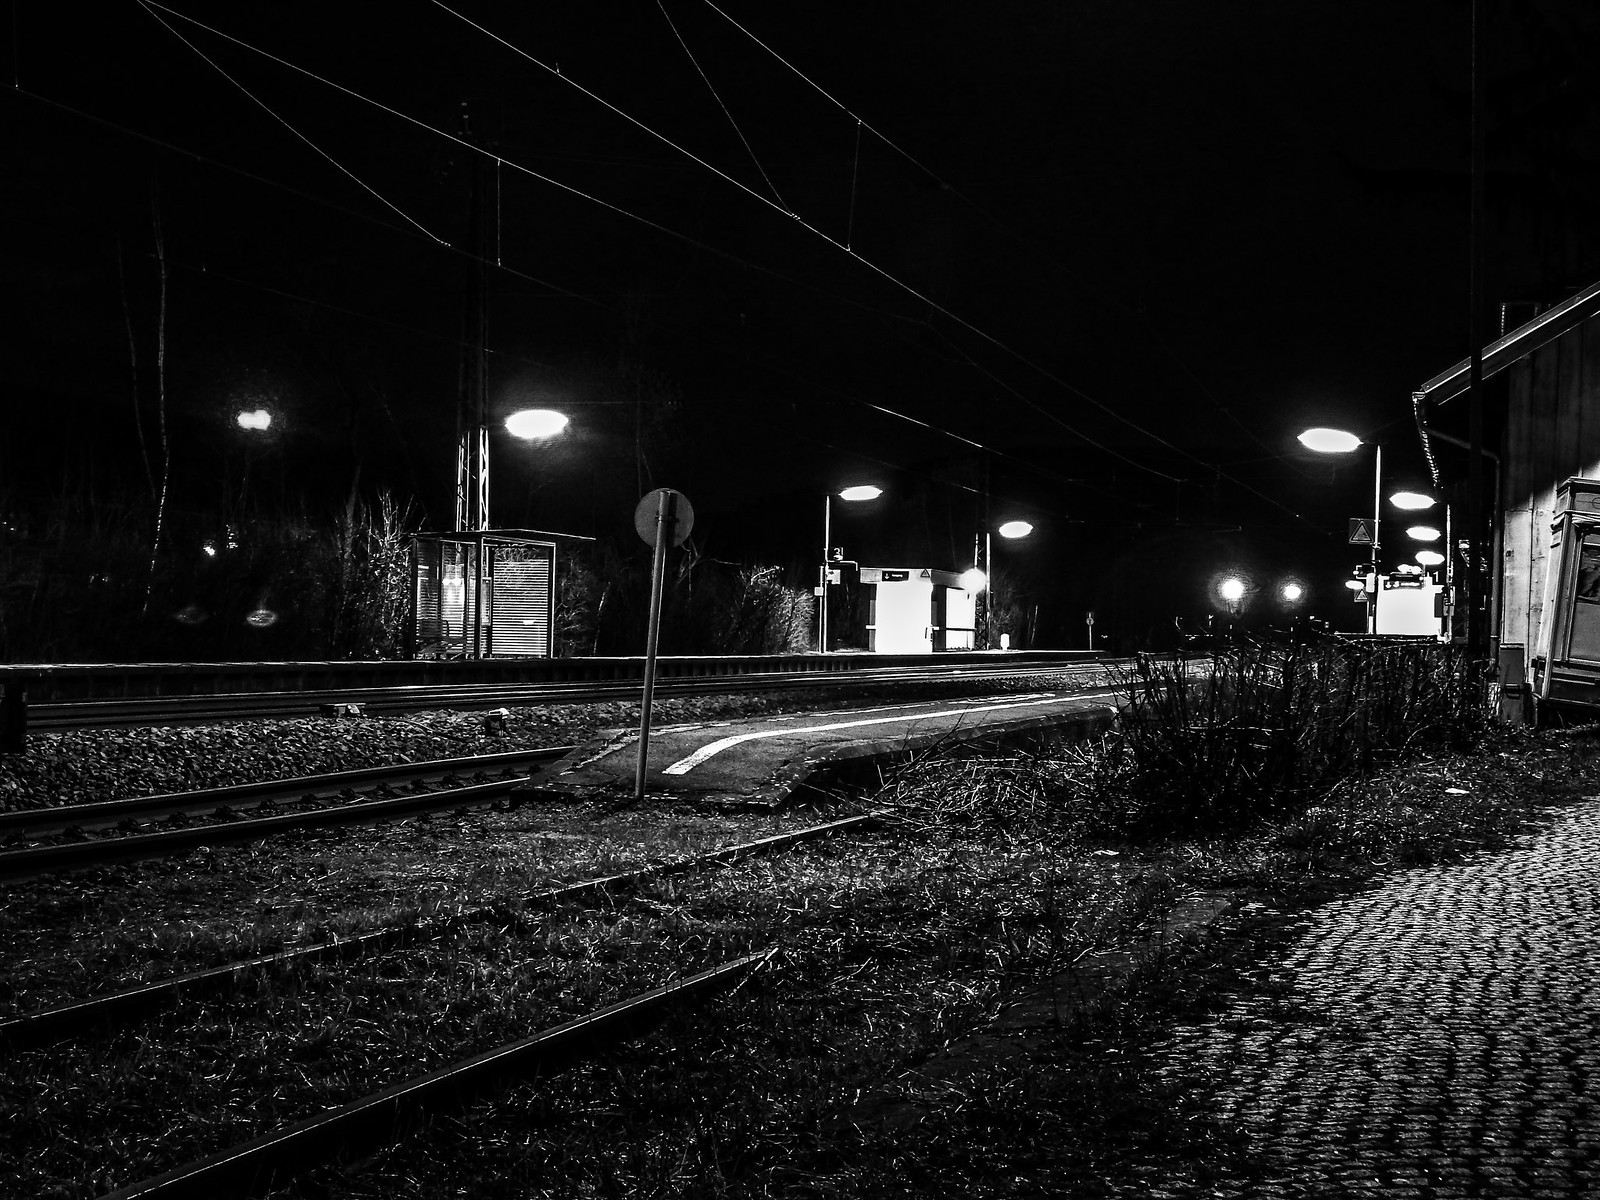 Hösbach Bahnhof | by ConstiAB